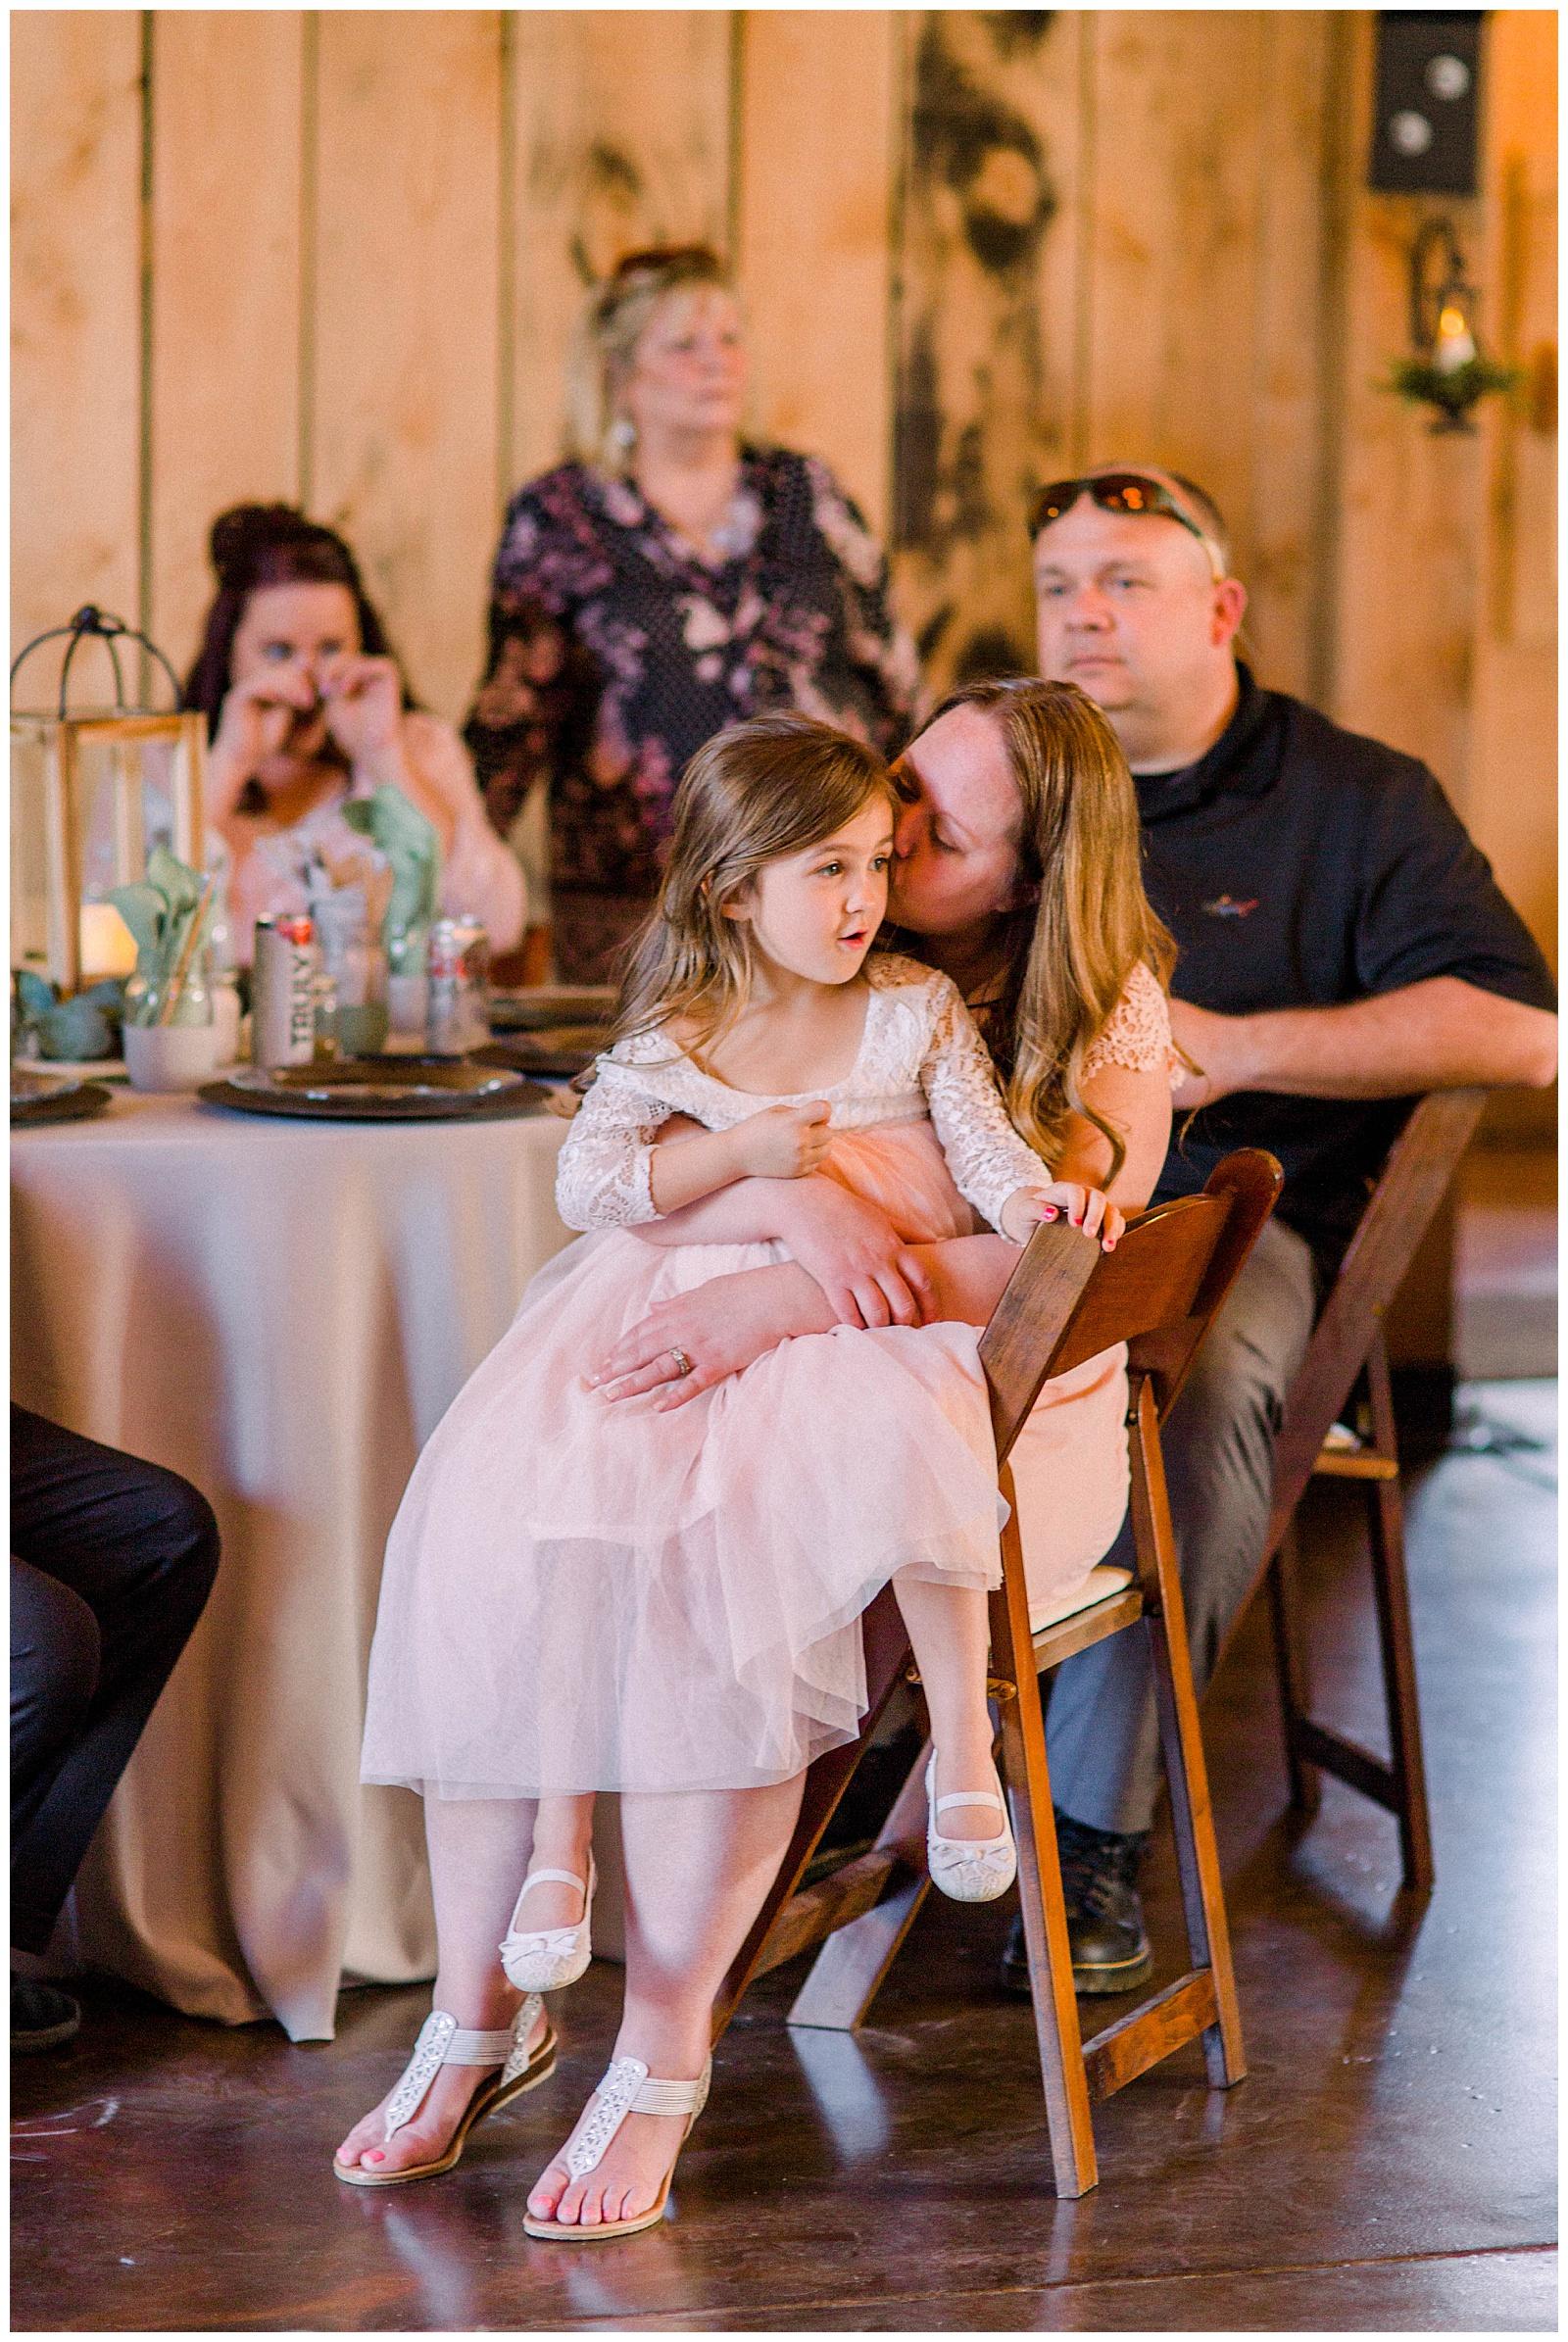 Lewis-Kara-Blakeman-Photography-Huntington-West-Virginia-Wedding-Barn-Olde-Homestead-66